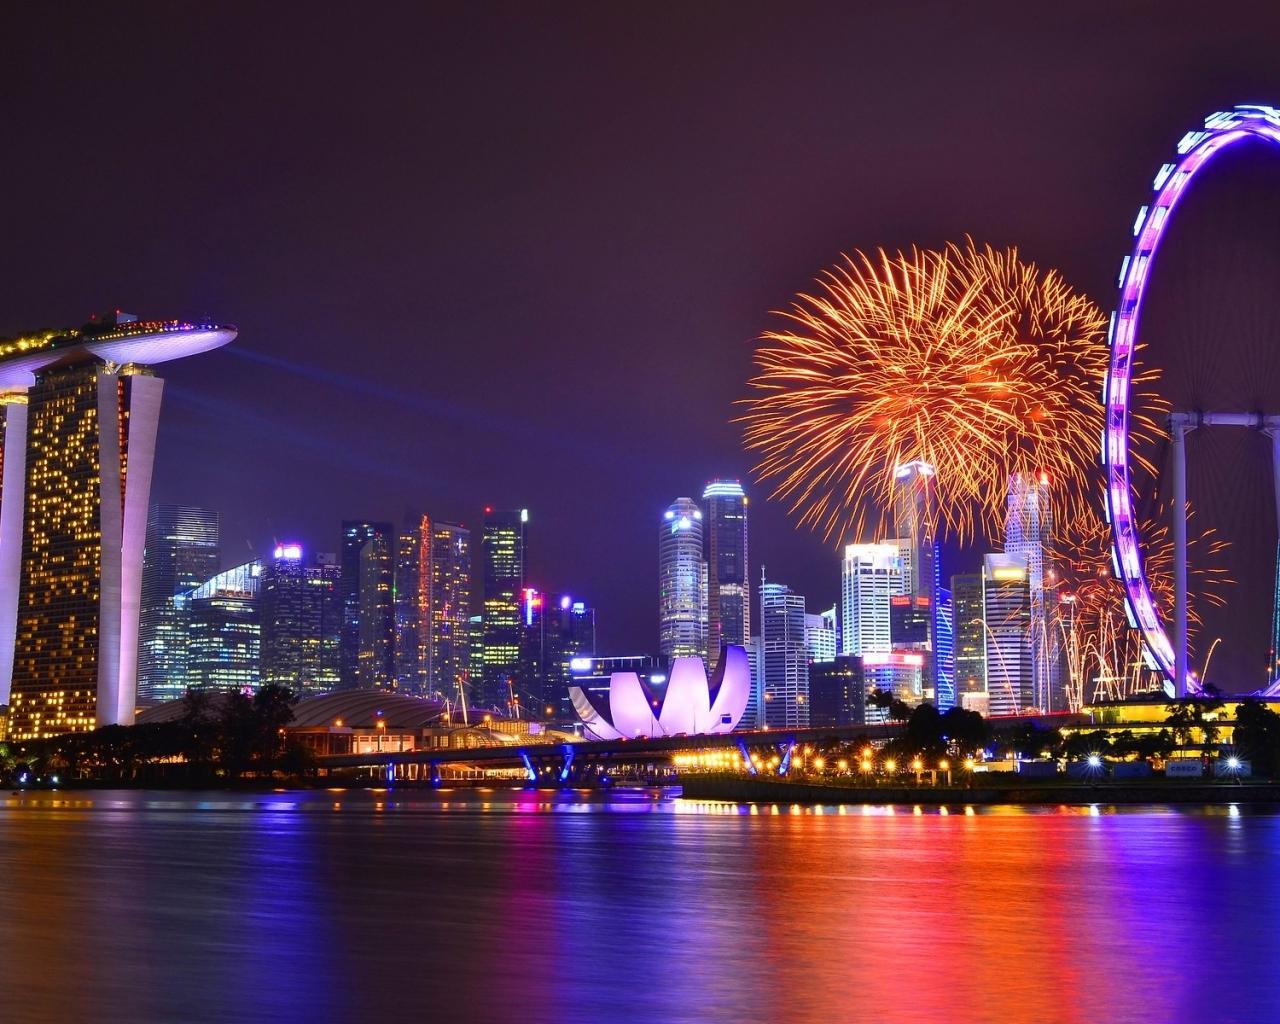 Vista de Singapore nocturna - 1280x1024